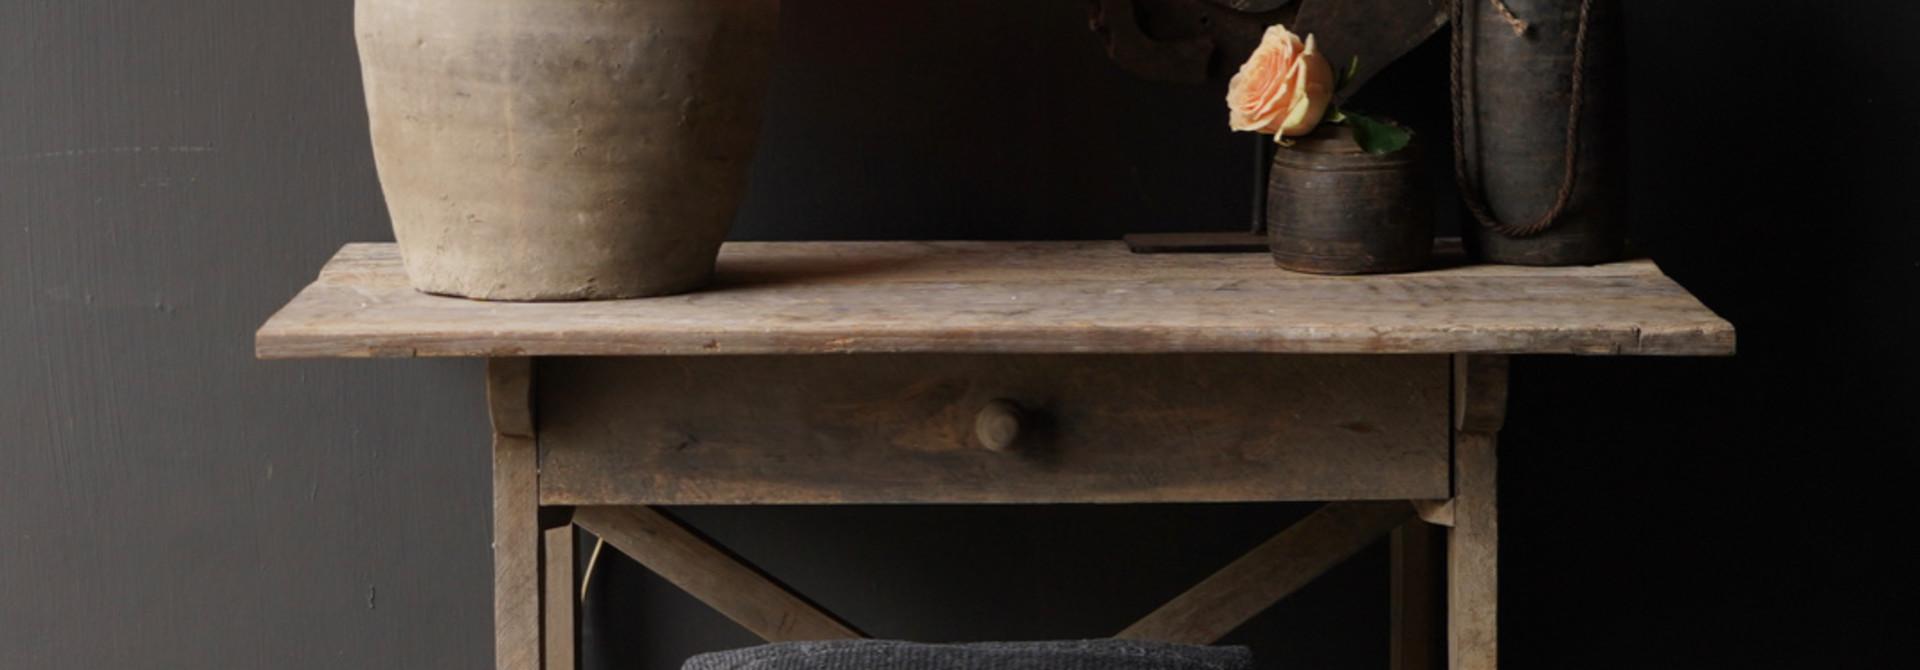 Robustes altes Beistelltisch / Wandtisch altes Holz mit Schublade